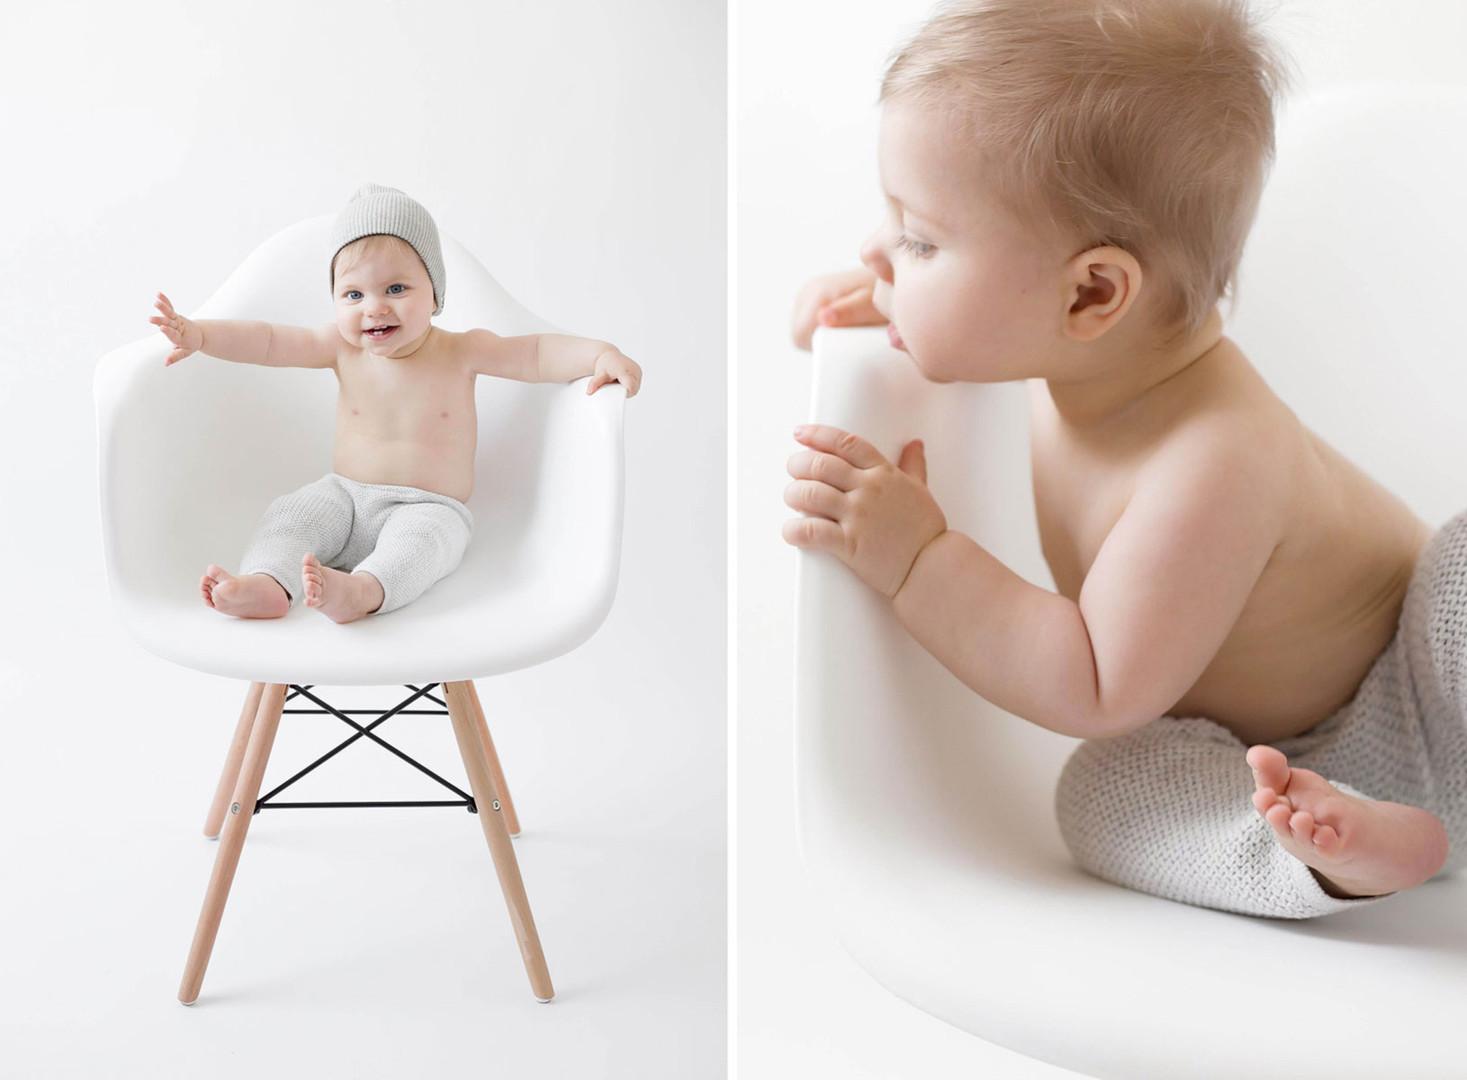 babyfotos-bielefeld-4.jpg